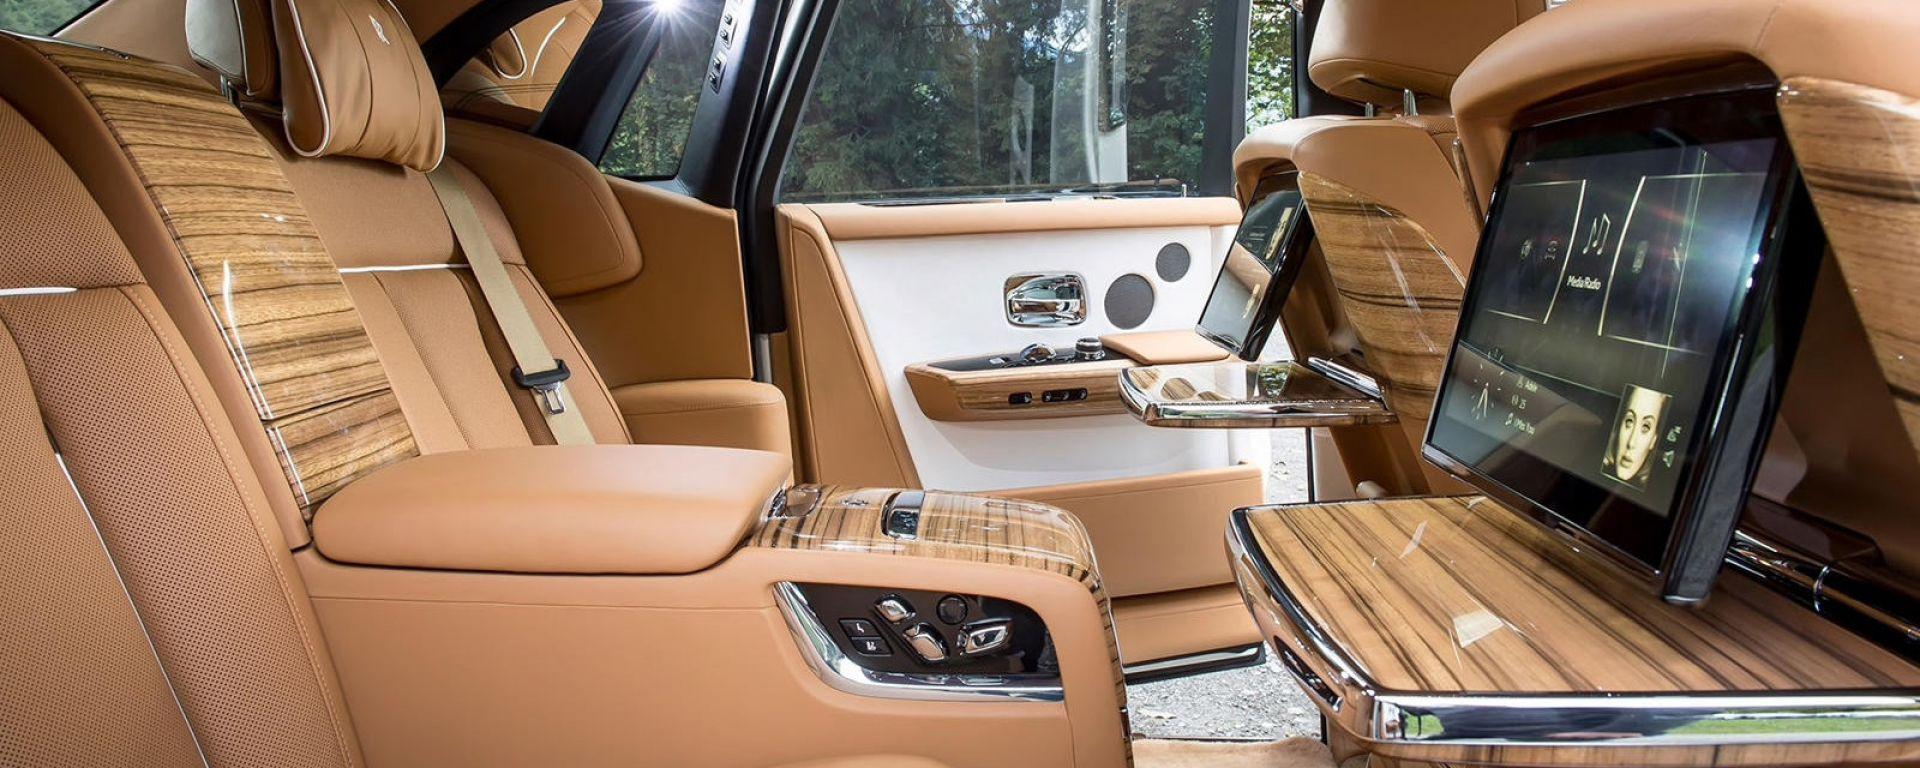 Accessori auto: i più originali e costosi sul mercato